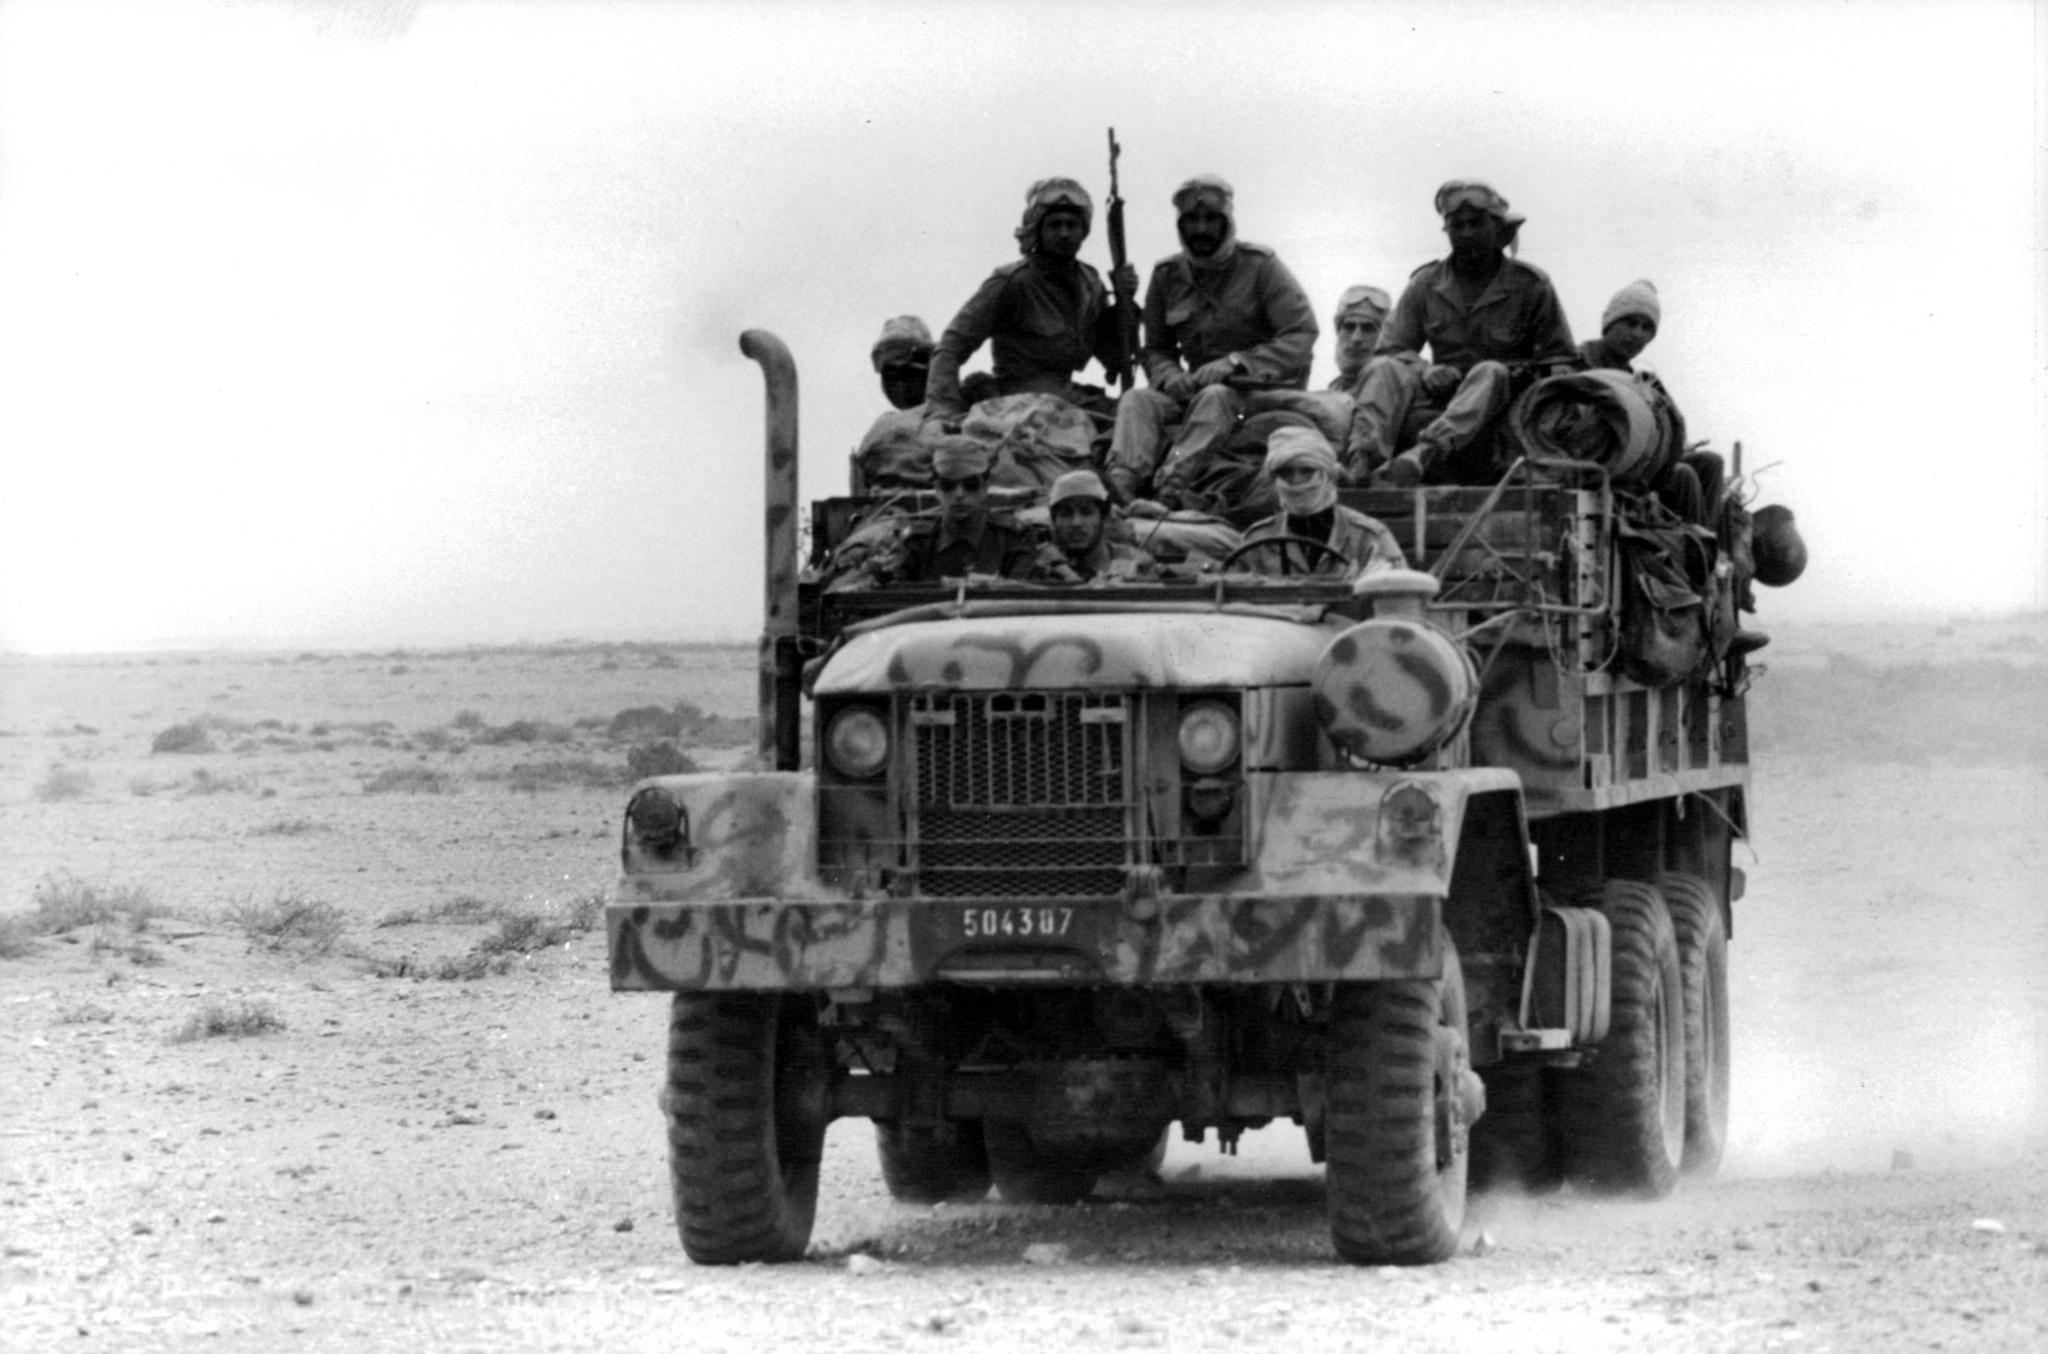 Le conflit armé du sahara marocain - Page 11 48516867986_6009875fca_o